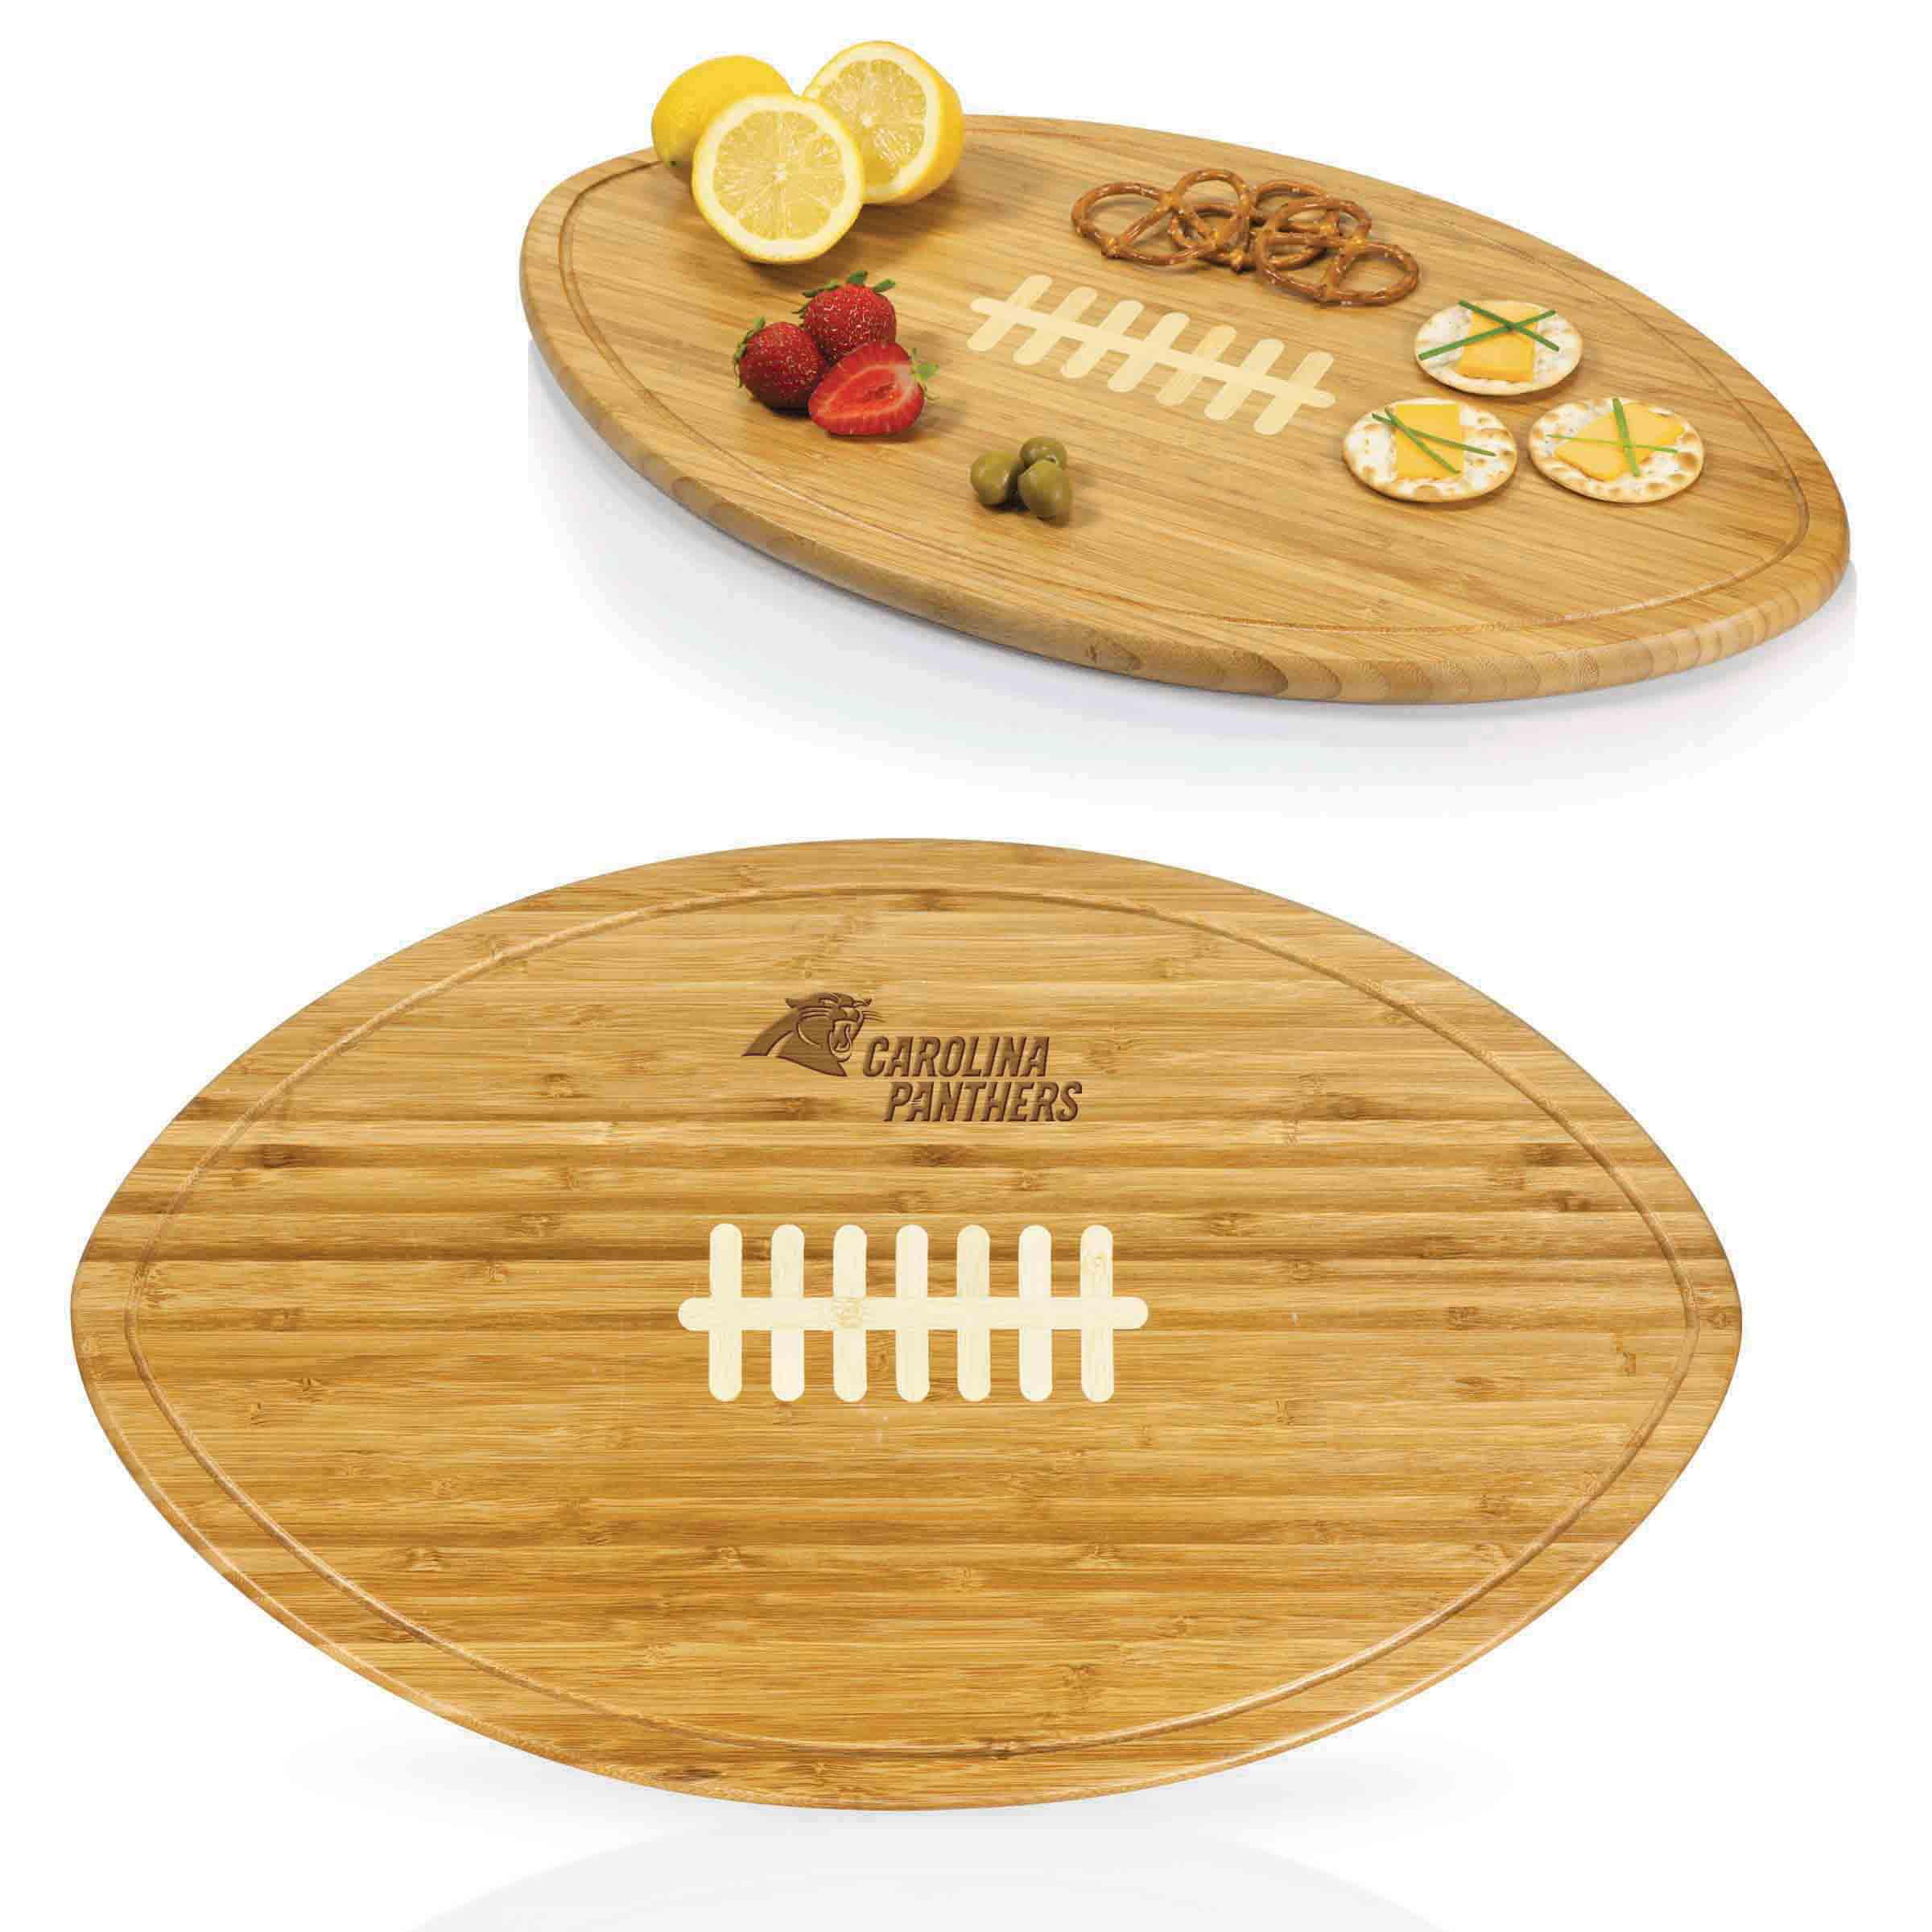 Carolina Panthers Kickoff Cutting Board - No Size